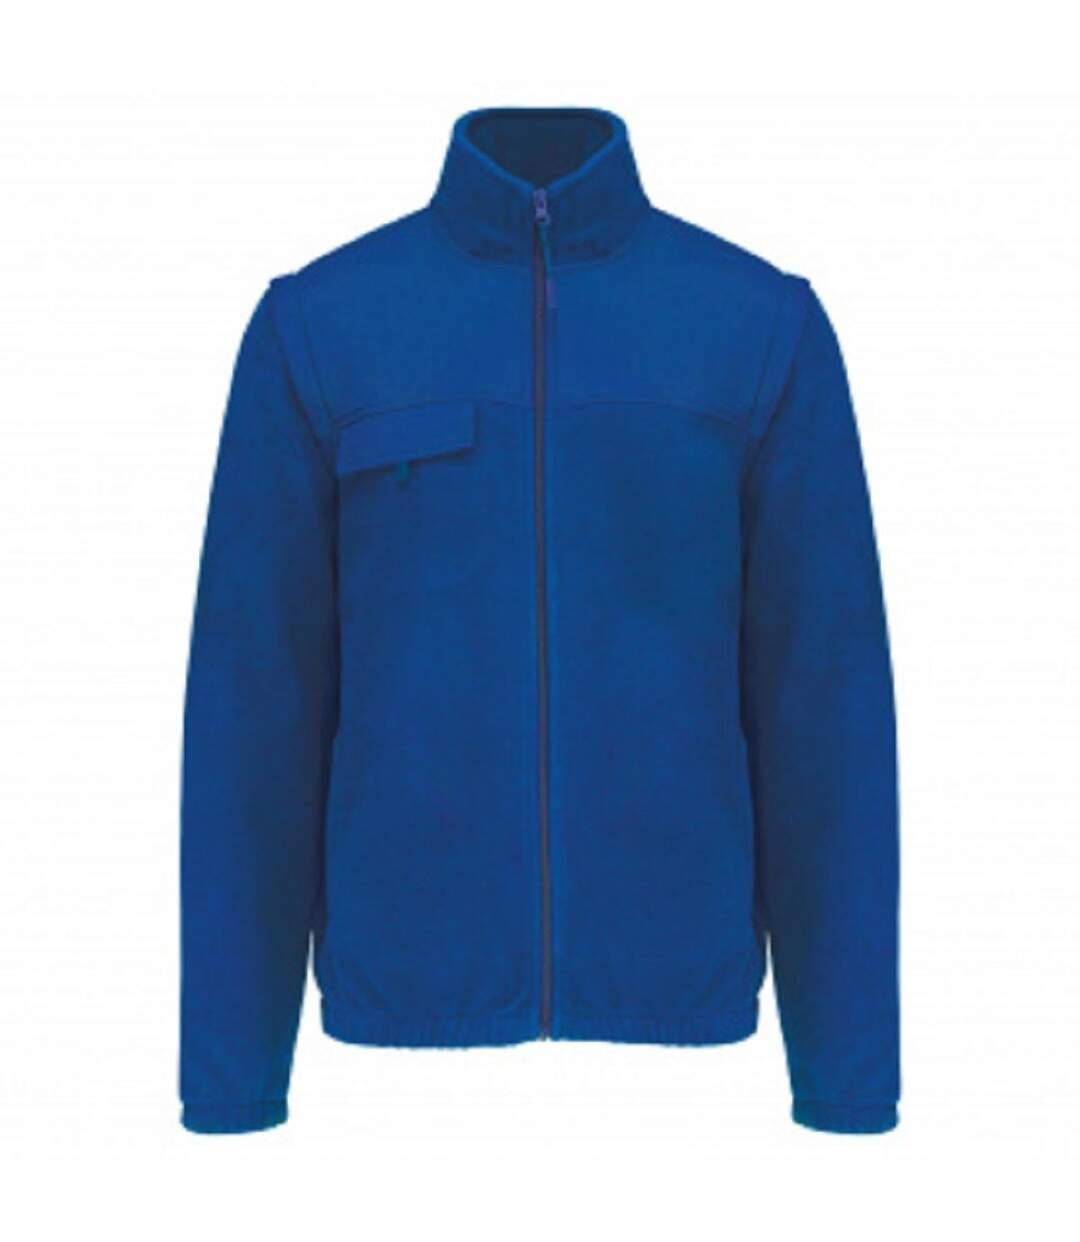 Veste polaire manches amovibles - K9105 - bleu roi